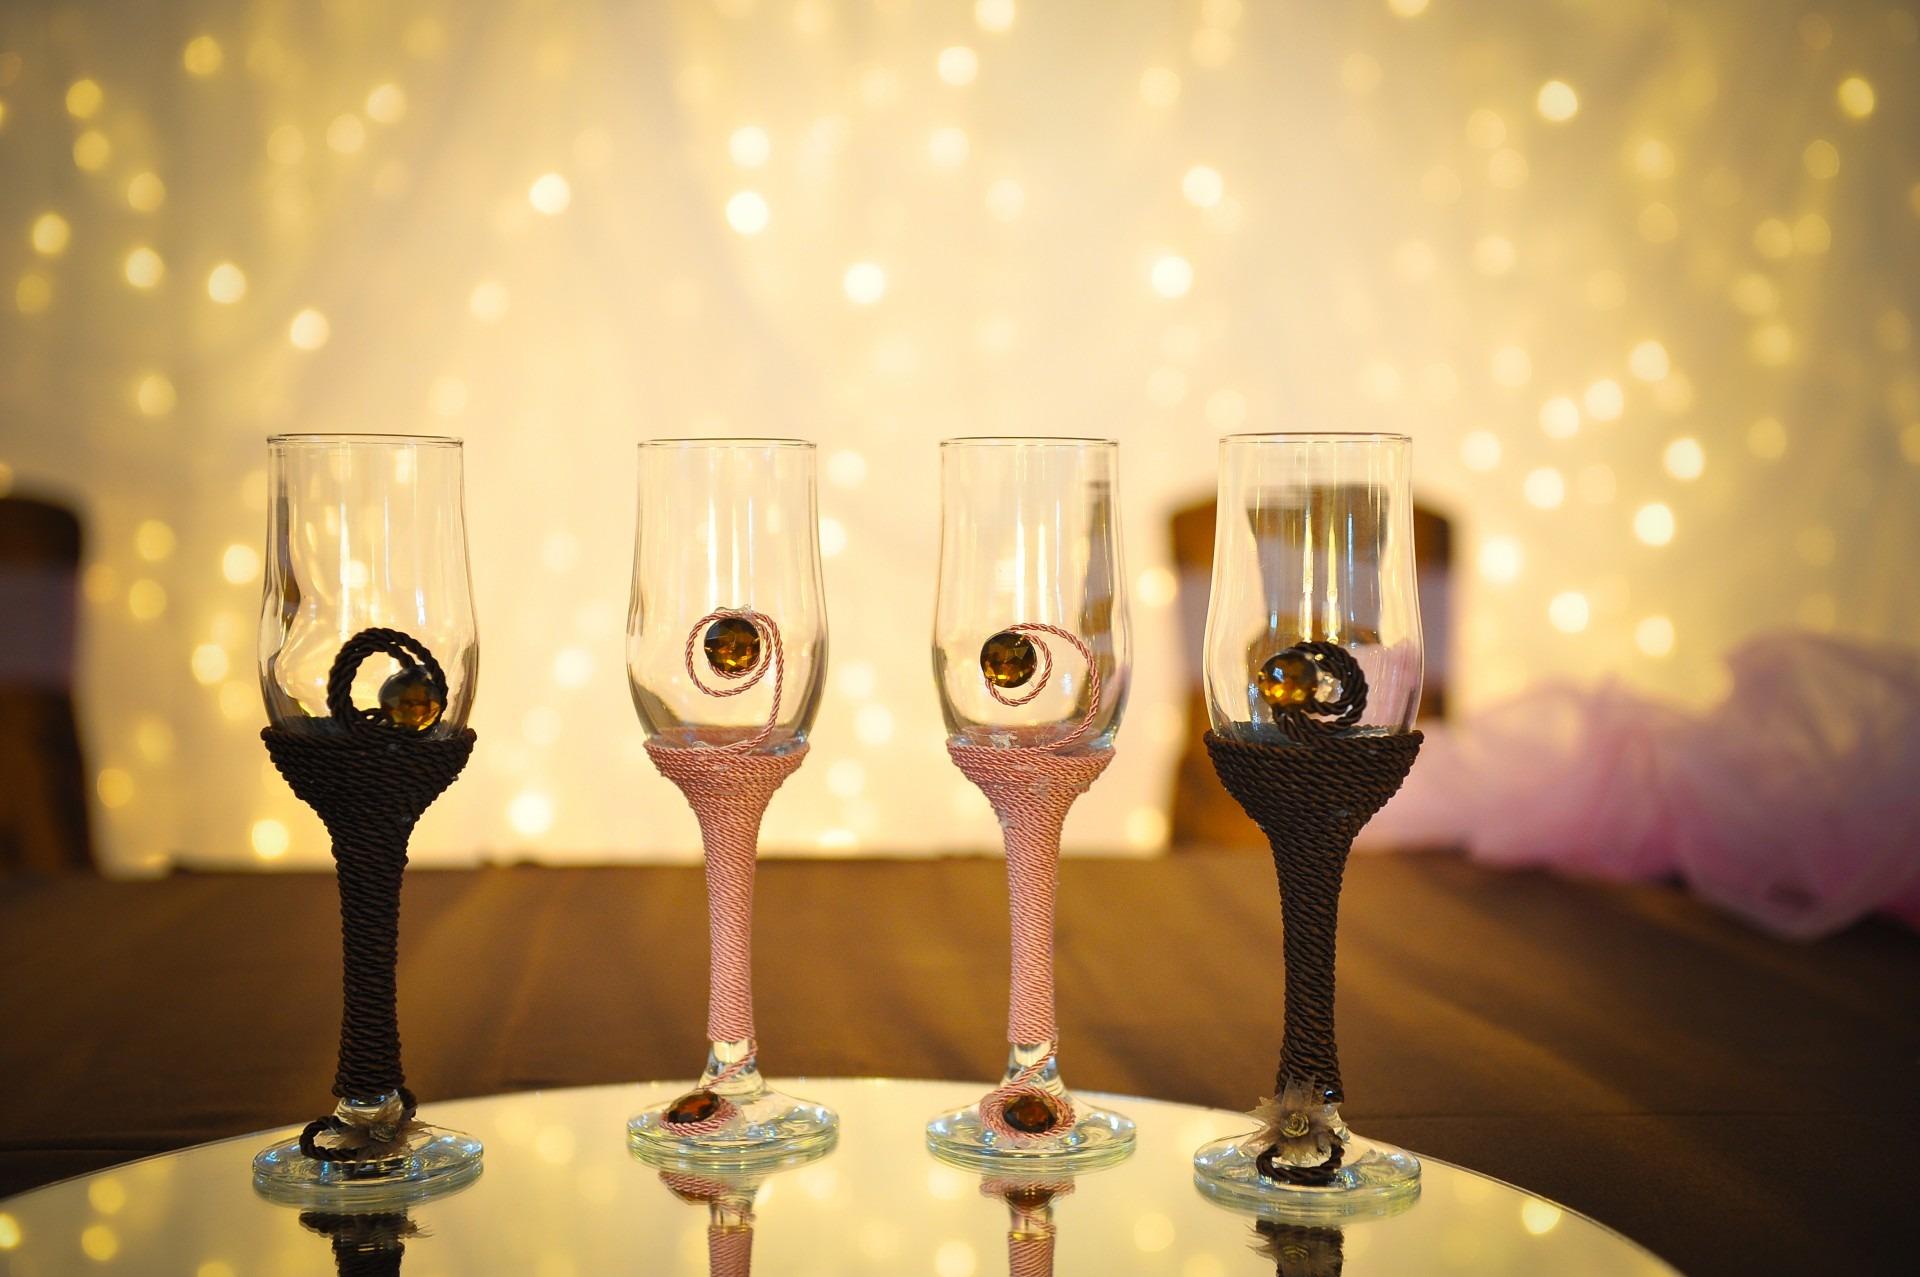 Gratis billeder : vin, glas, restaurant, fest, drikke, belysning, bryllup, alkohol, ristet brød ...